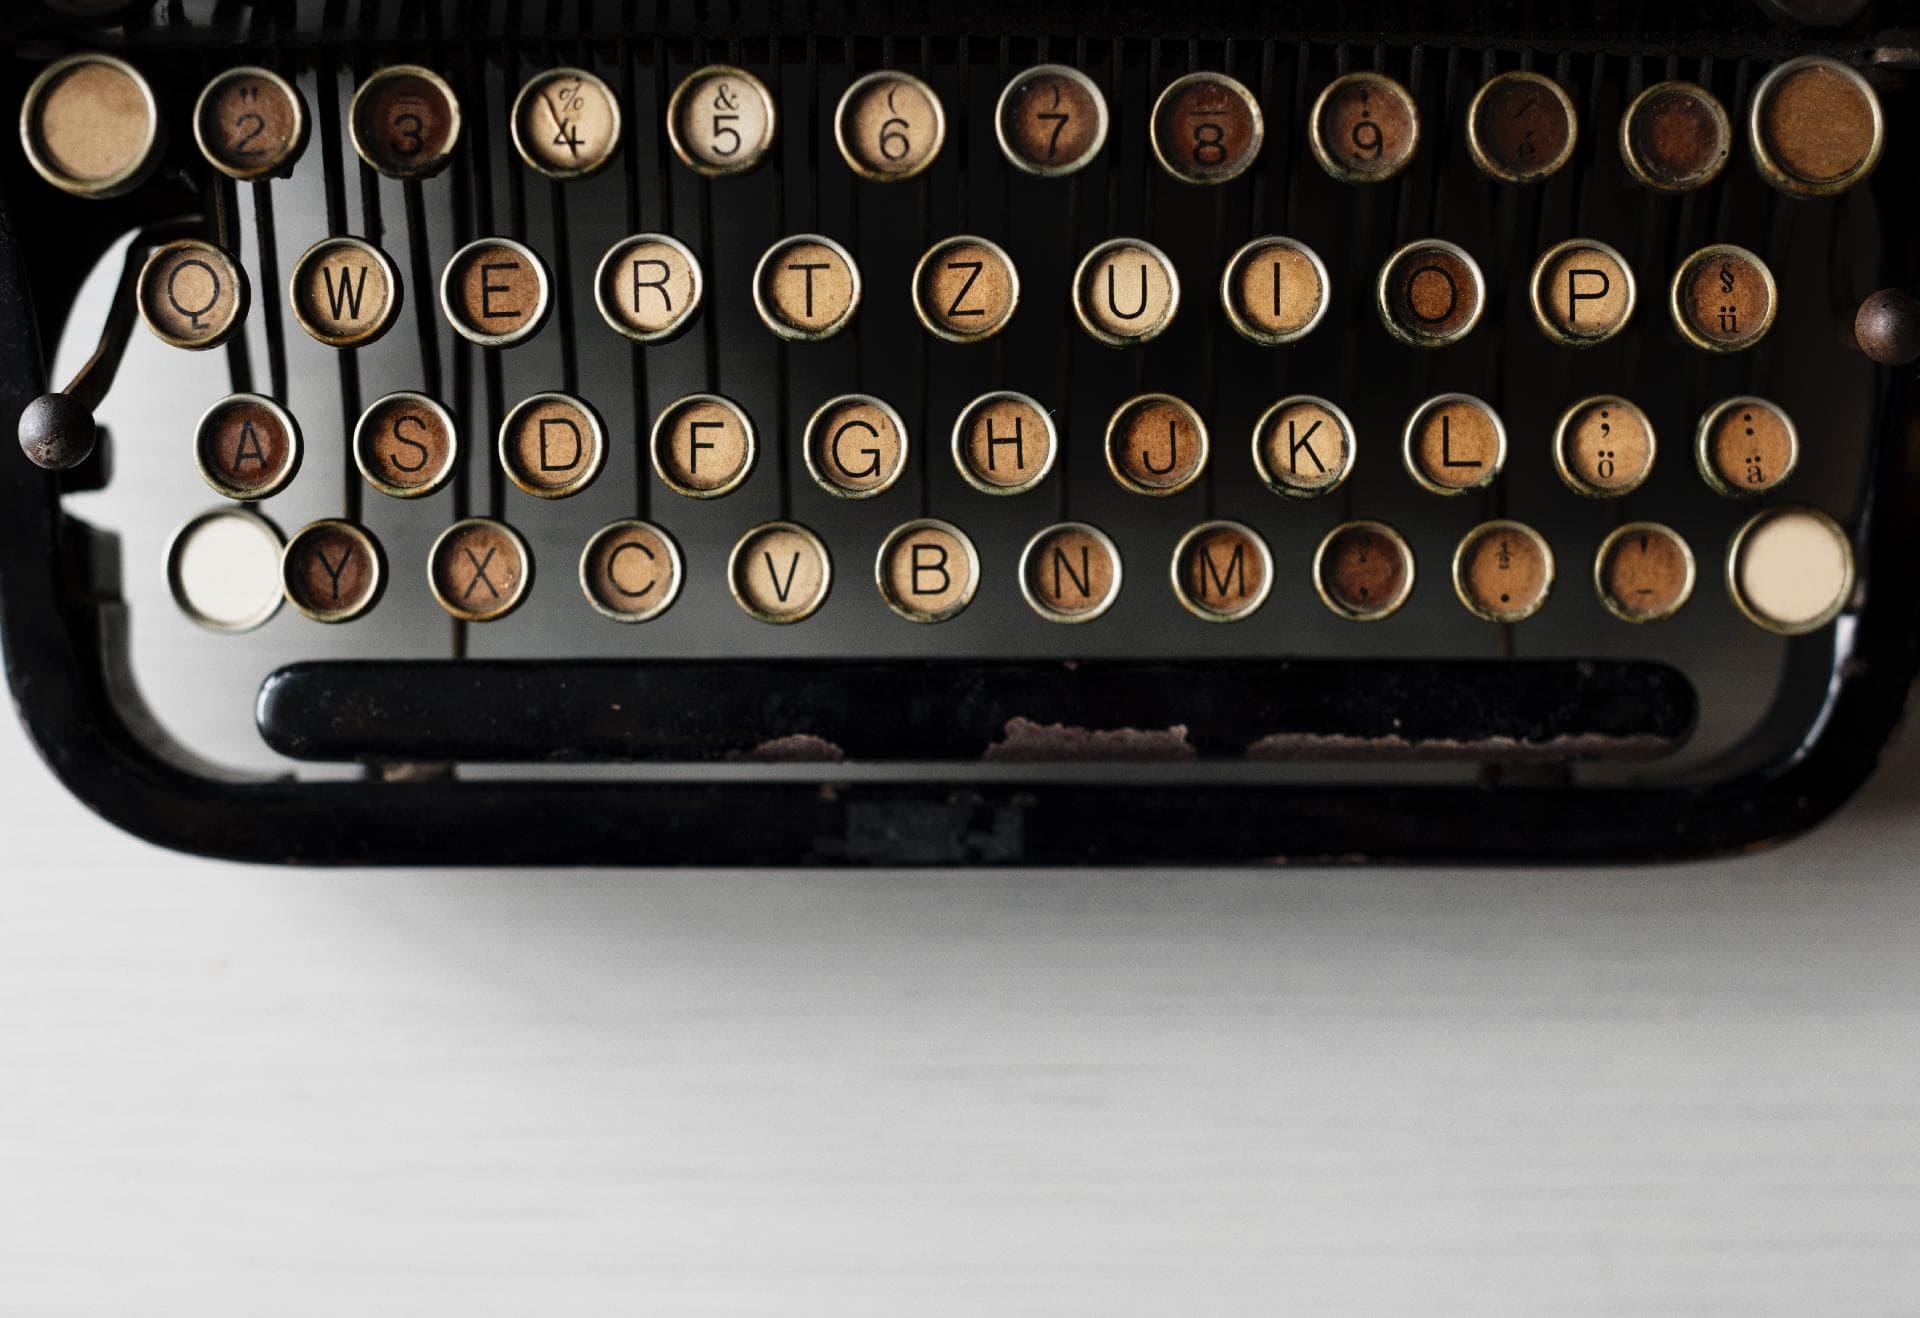 Komplexní tvůrčí psaní